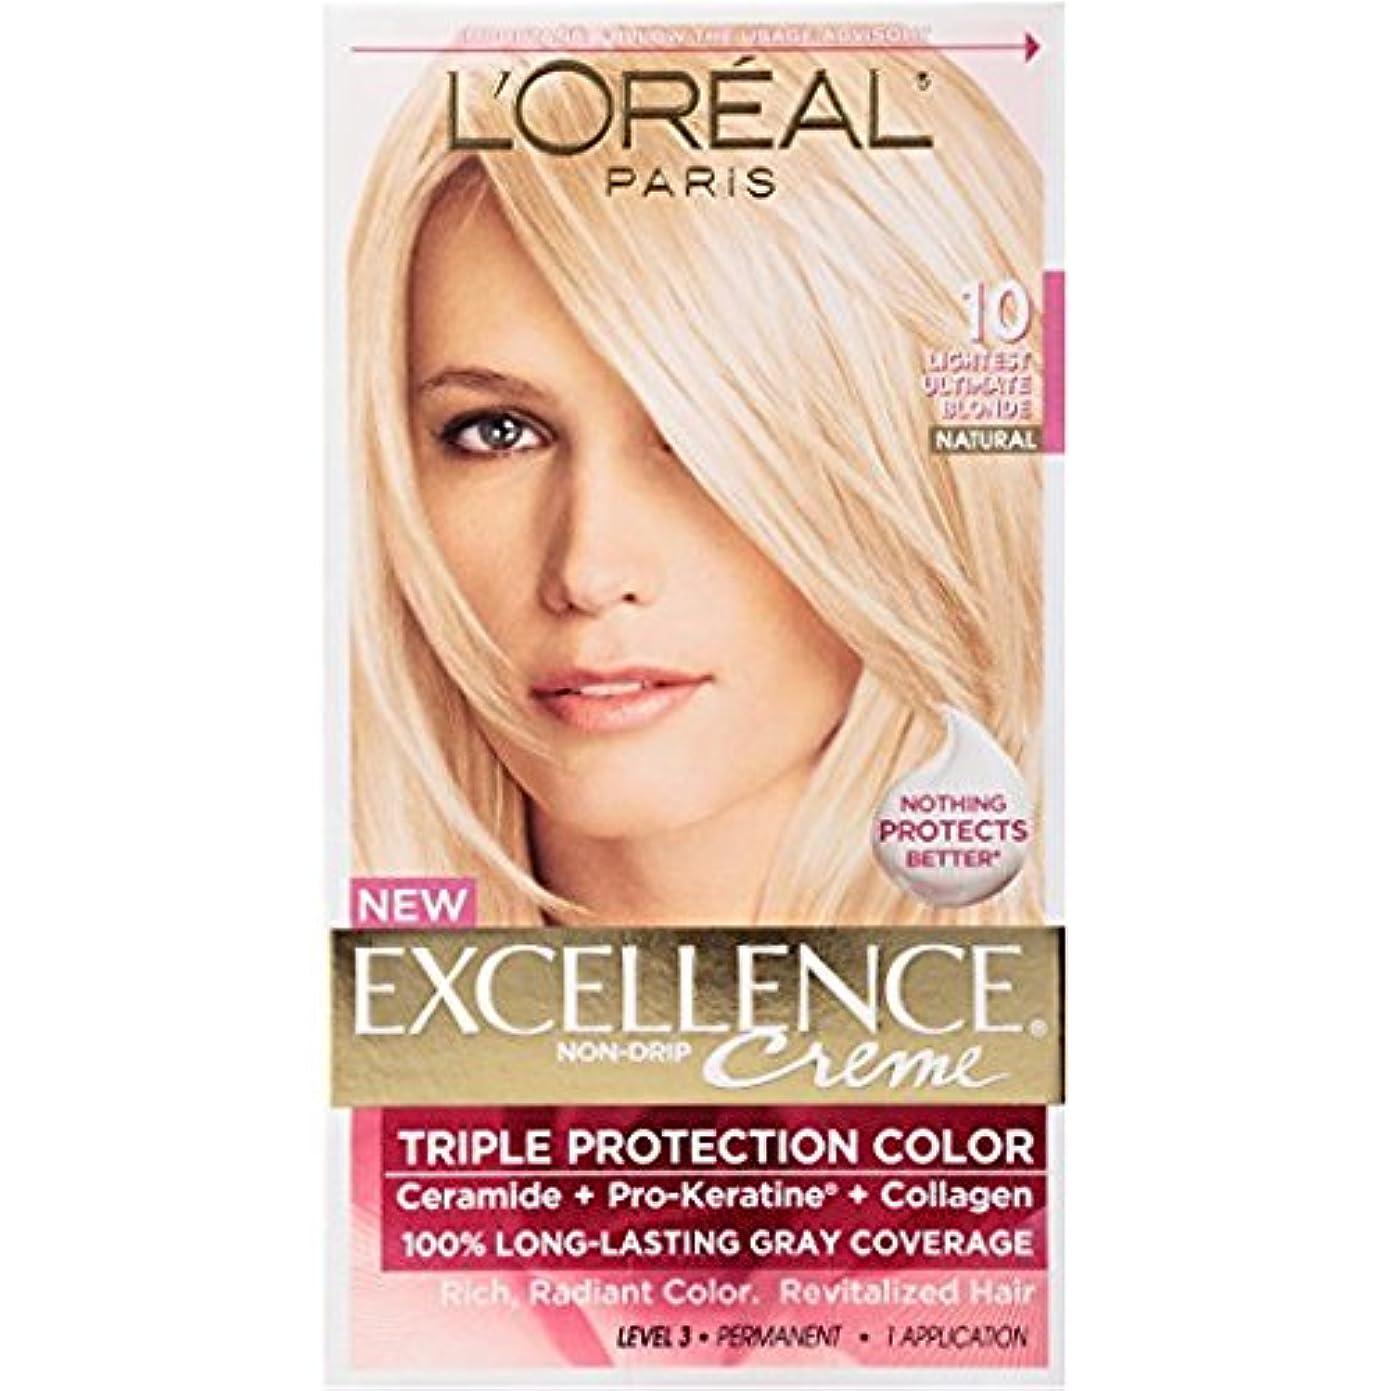 床を掃除する忌避剤準備するロレアル L'Oreal Paris Excellence Creme Pro - Keratine 10 Light Ultimate Blonde ブロンド ヘアダイ [並行輸入品]